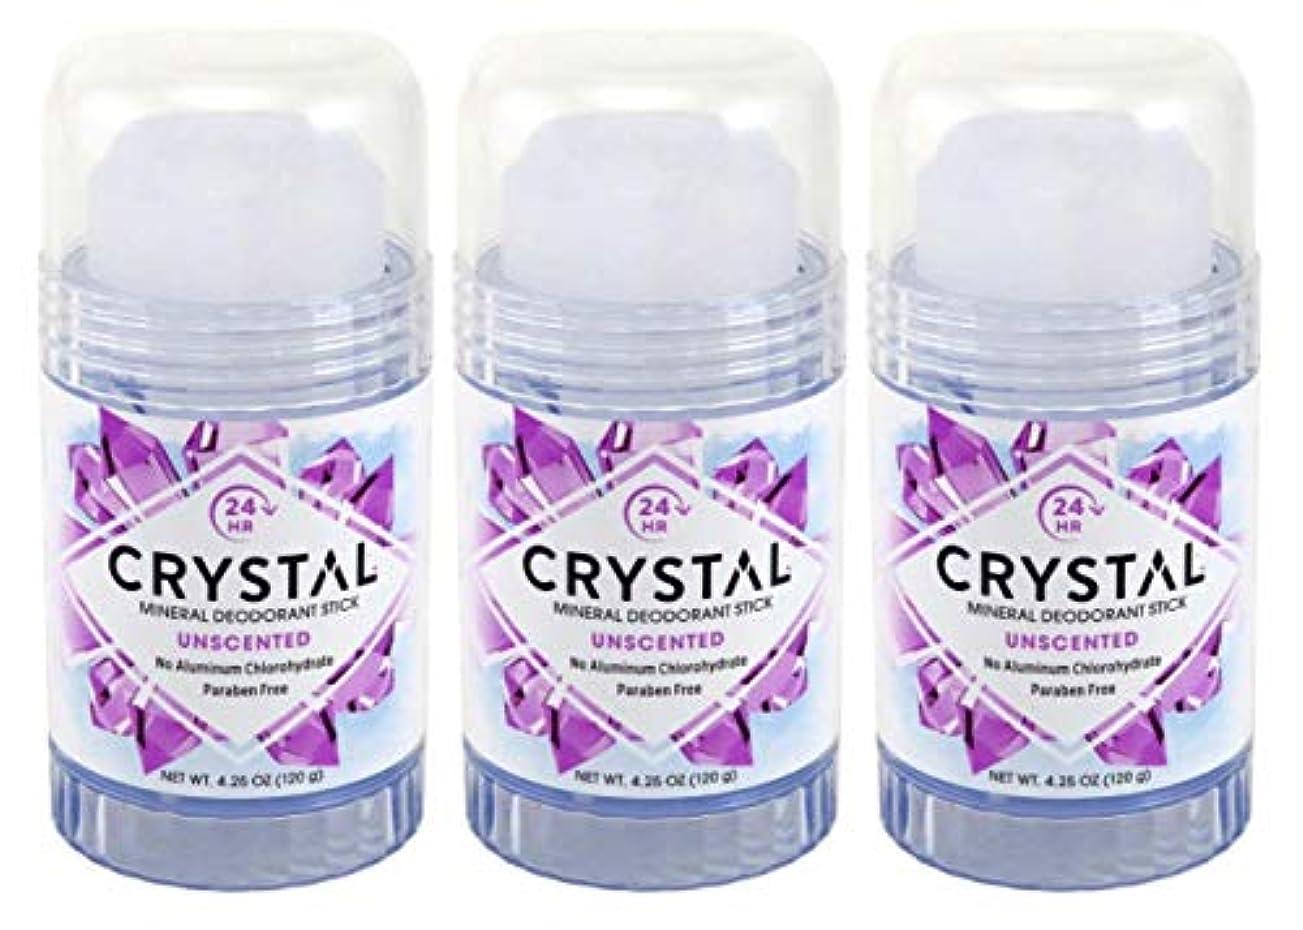 スタッフばかげた削減CRYSTAL Deodorant スティック4.25Oz(3パック)